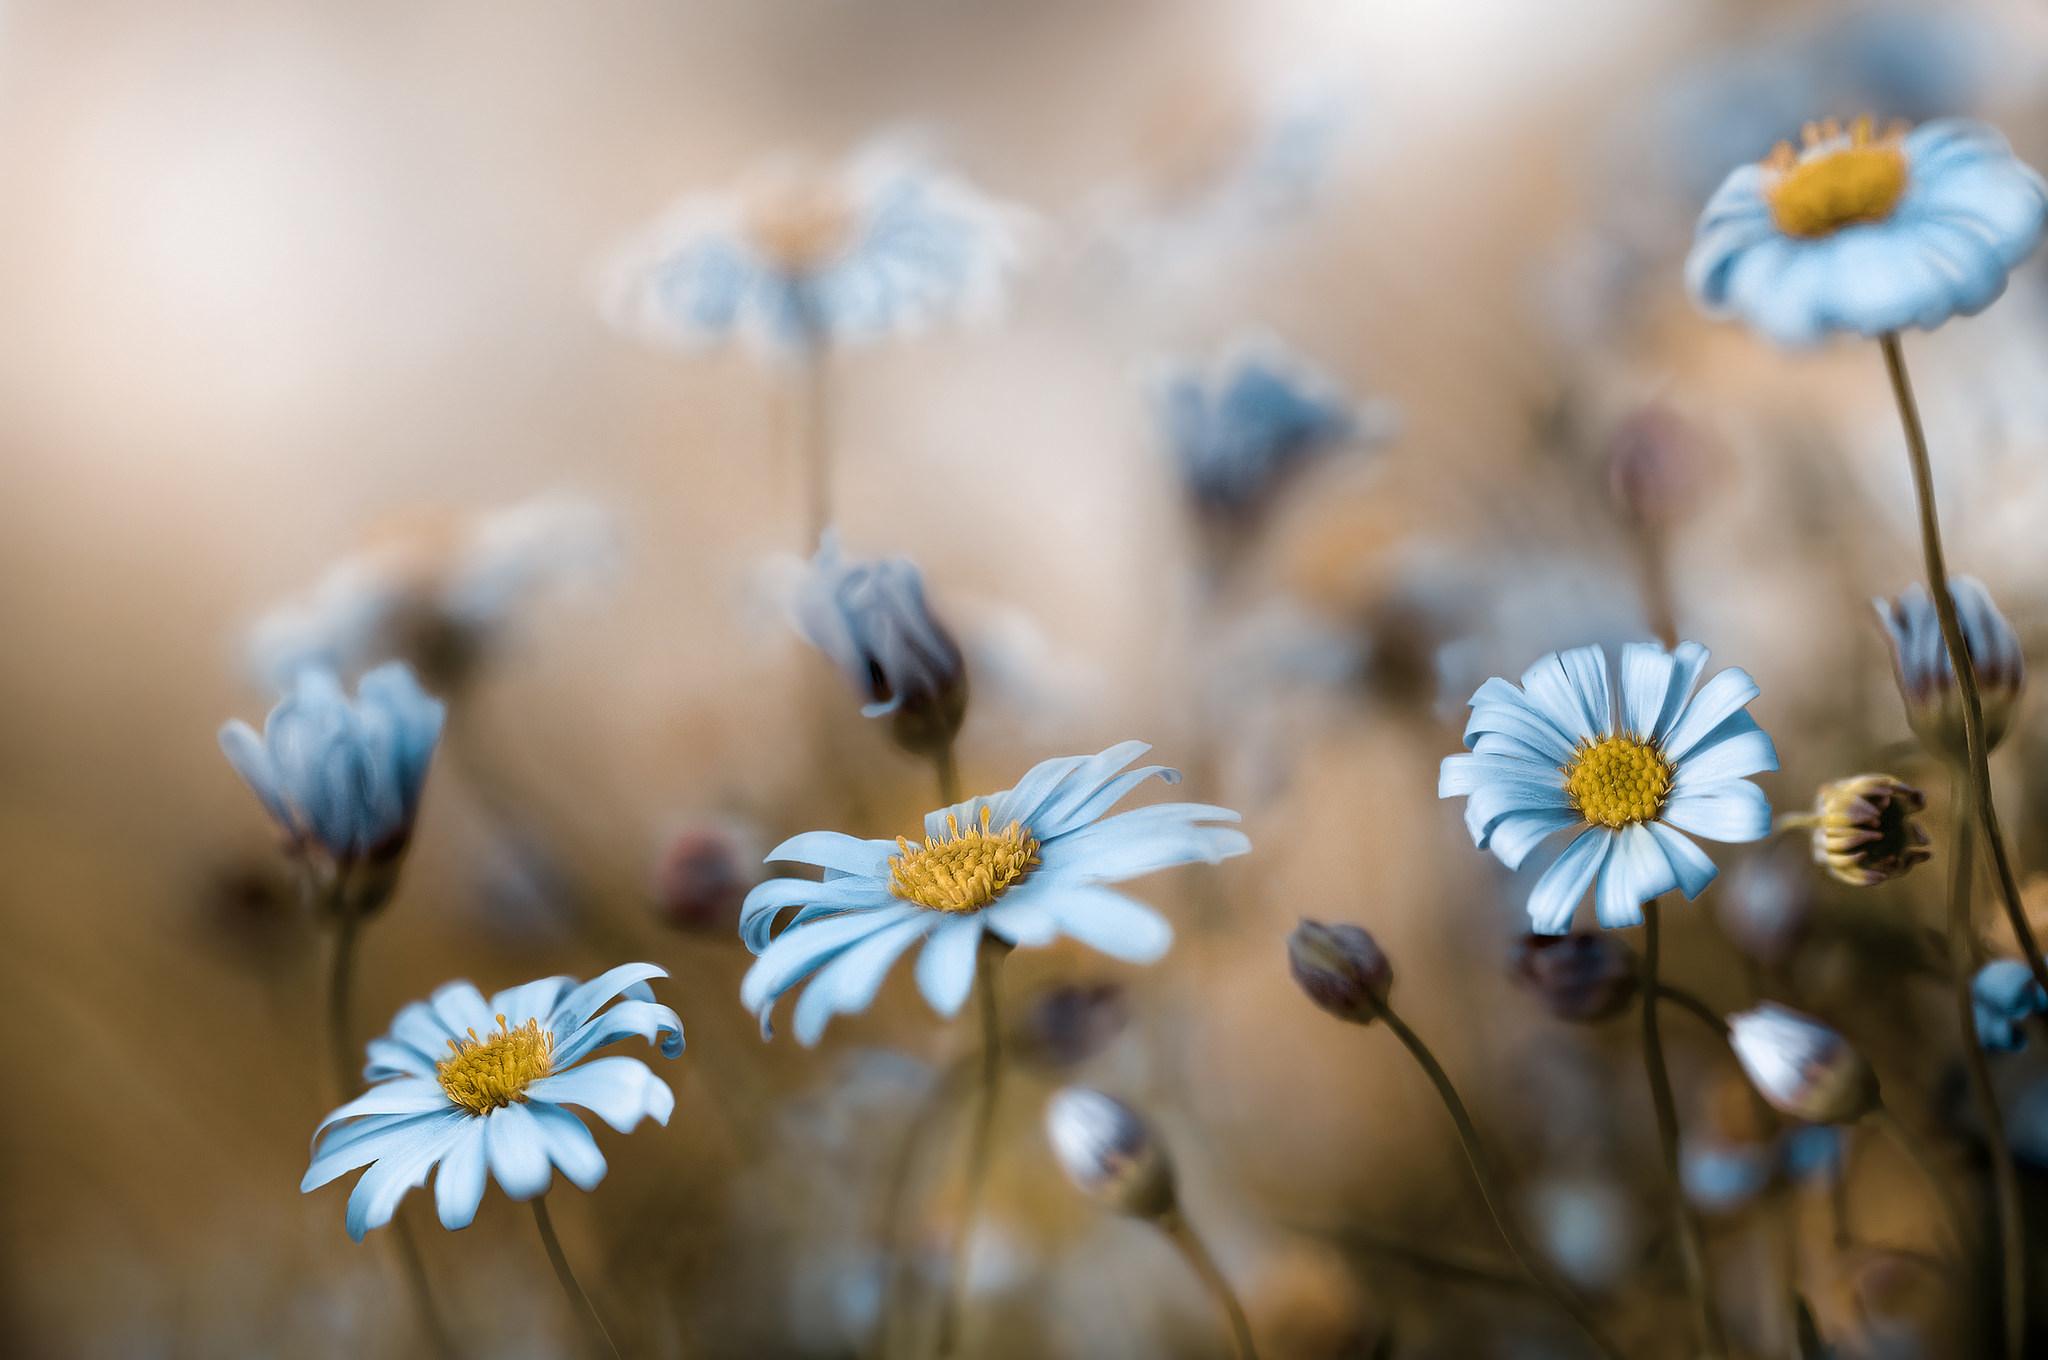 синий цветок ромашка макро загрузить